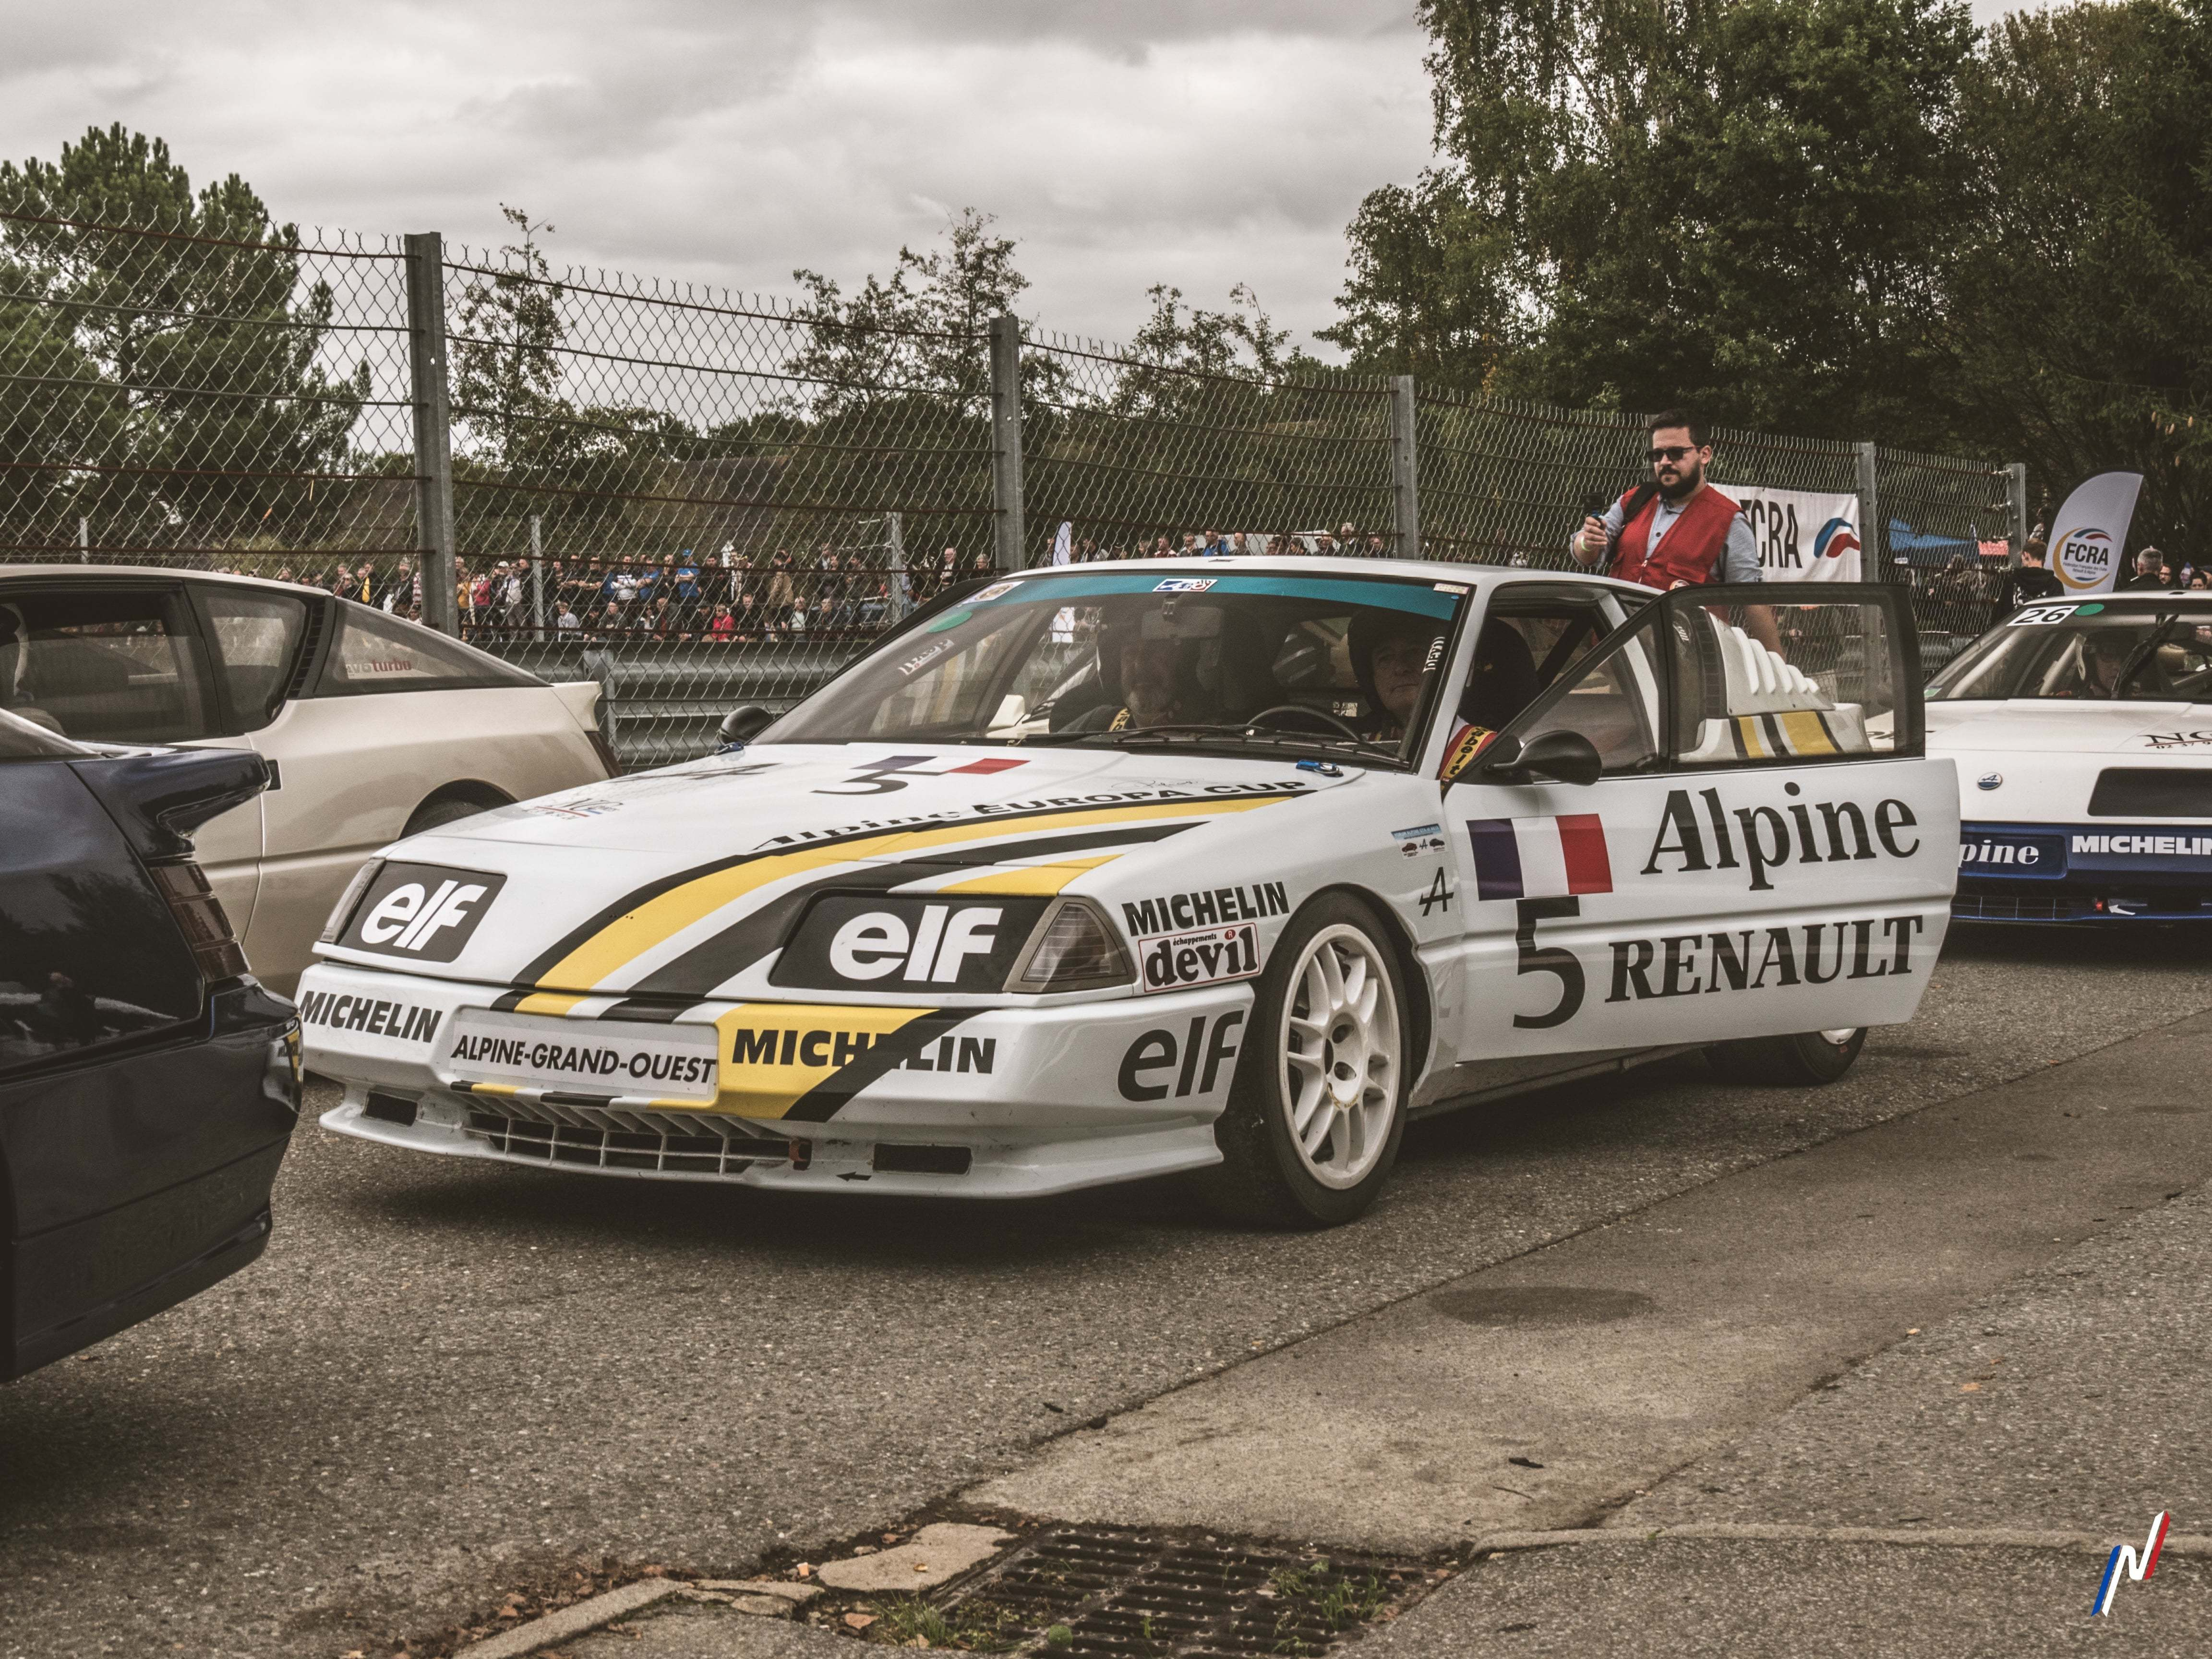 FCRA Autobrocante Lohéac 2019 Ragnotti Leclerc Serpaggi Alpine GTA A110 A610 A310 Alpine Planet 108 | Autobrocante Festival de Lohéac 2019: les Alpine à l'honneur !